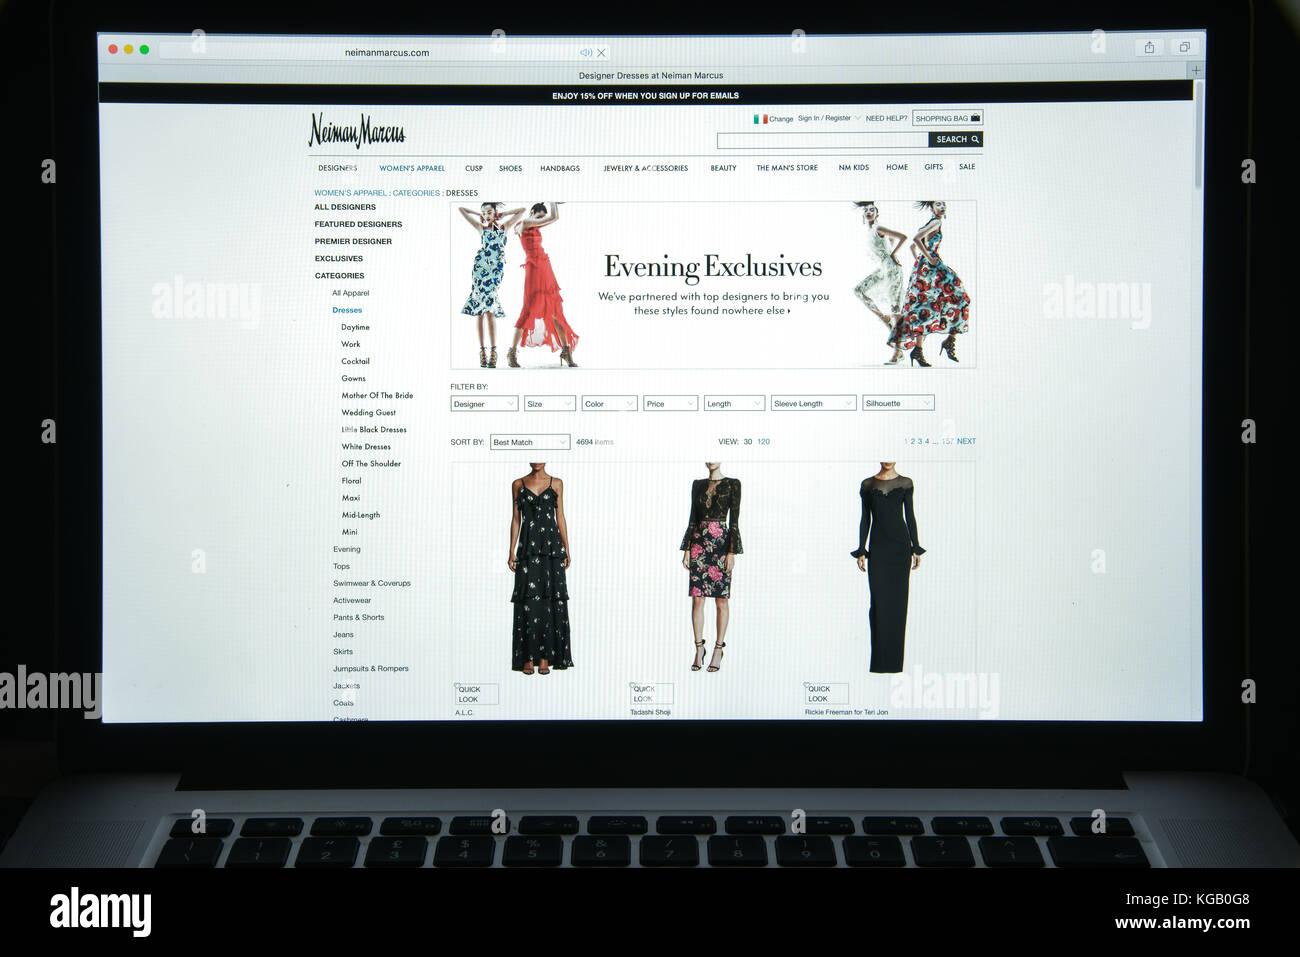 Milan, Italy - August 10, 2017: Neiman Marcus website